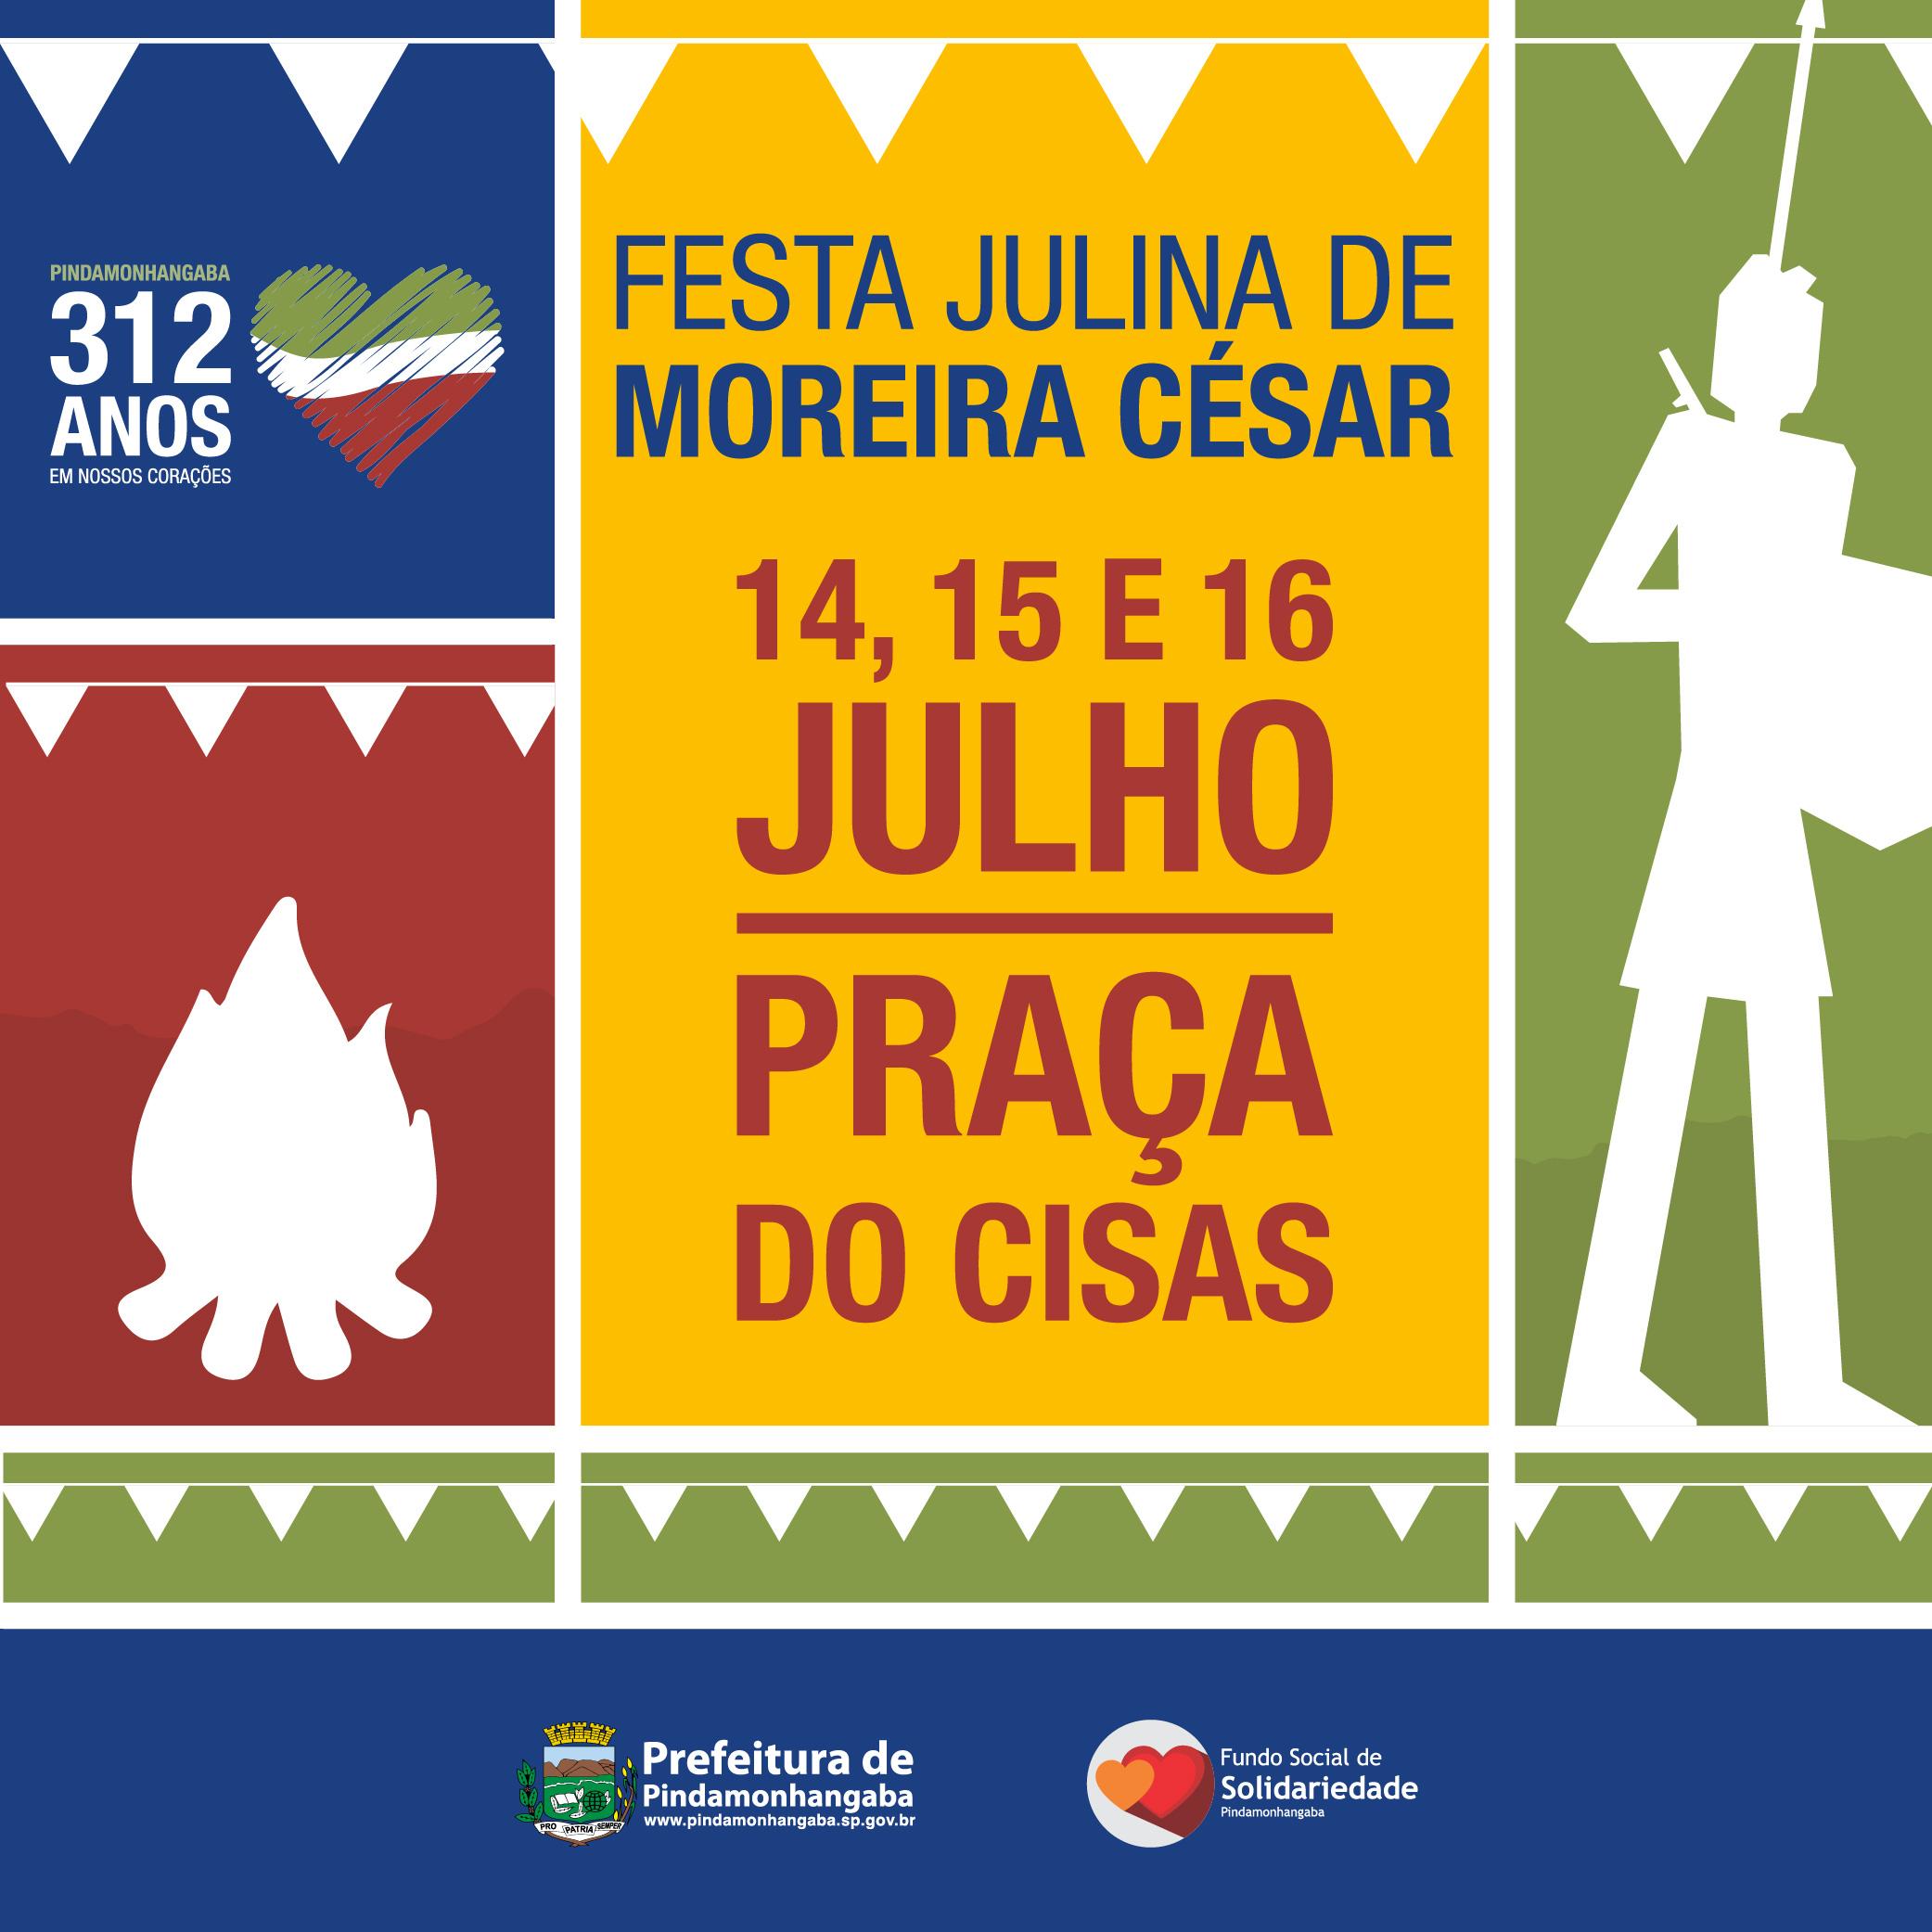 Festa Julhina de Moreira César começa nesta sexta-feira